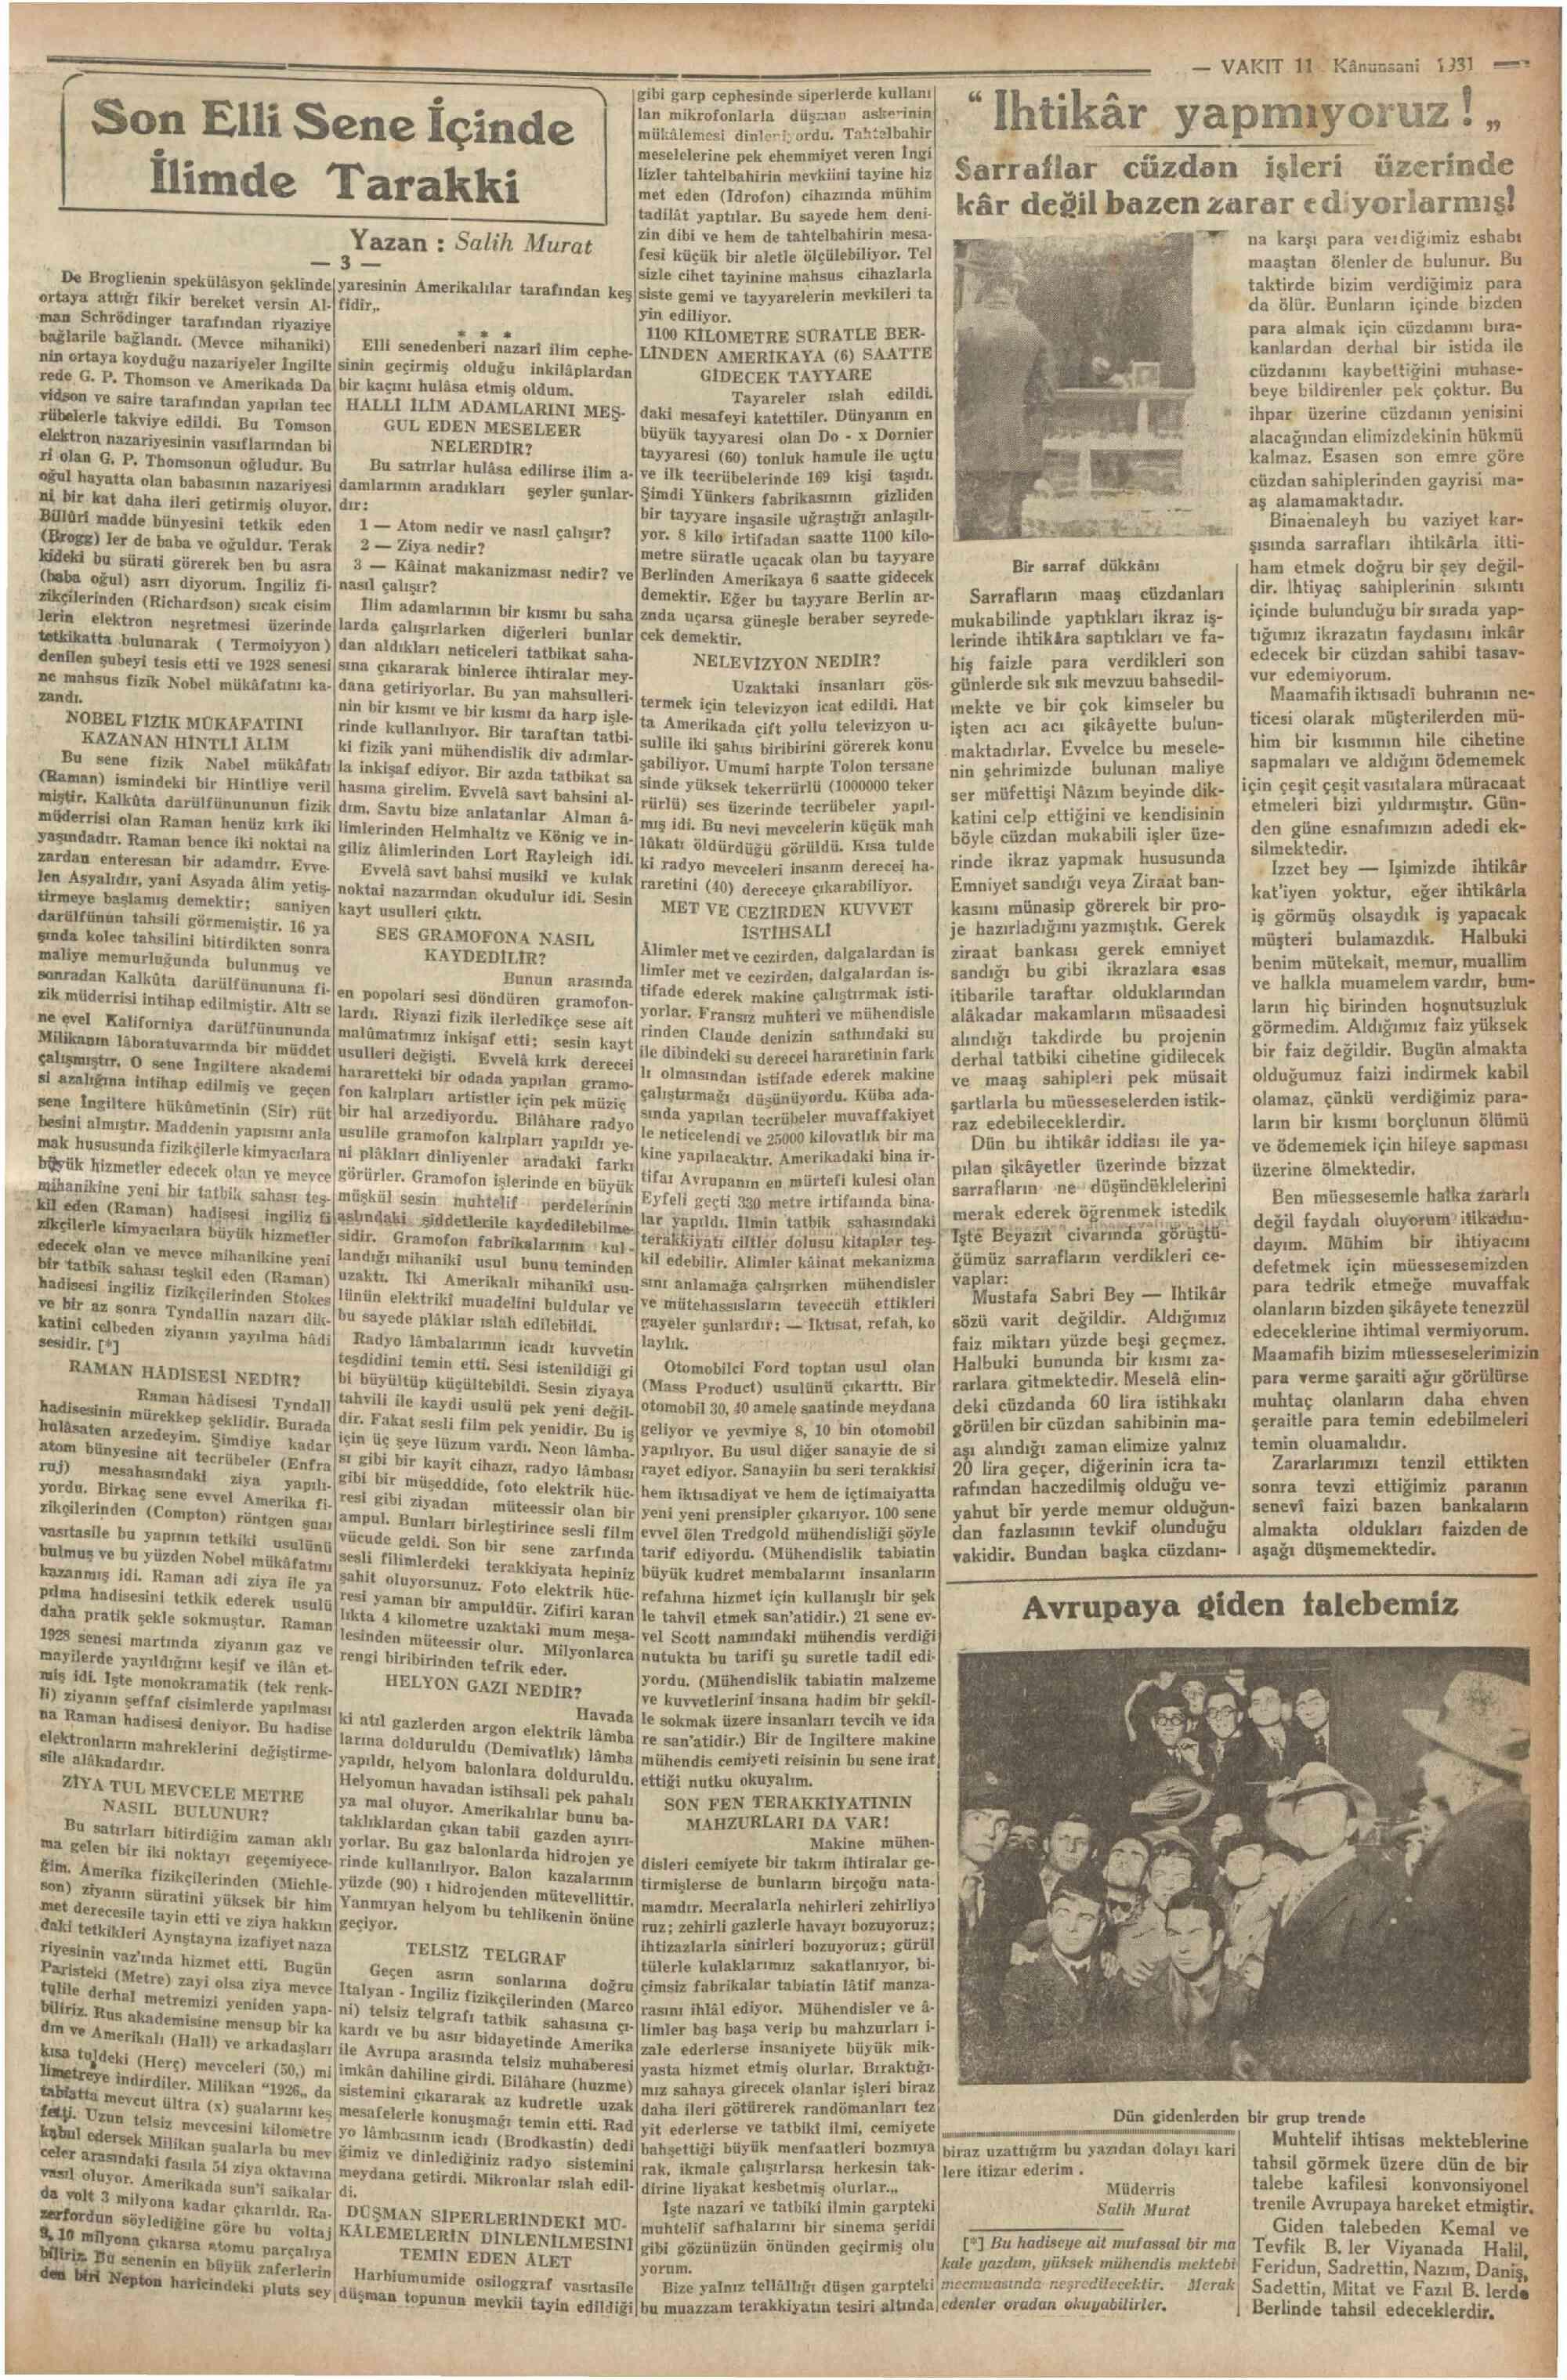 11 Ocak 1931 Tarihli Vakit Gazetesi Sayfa 7